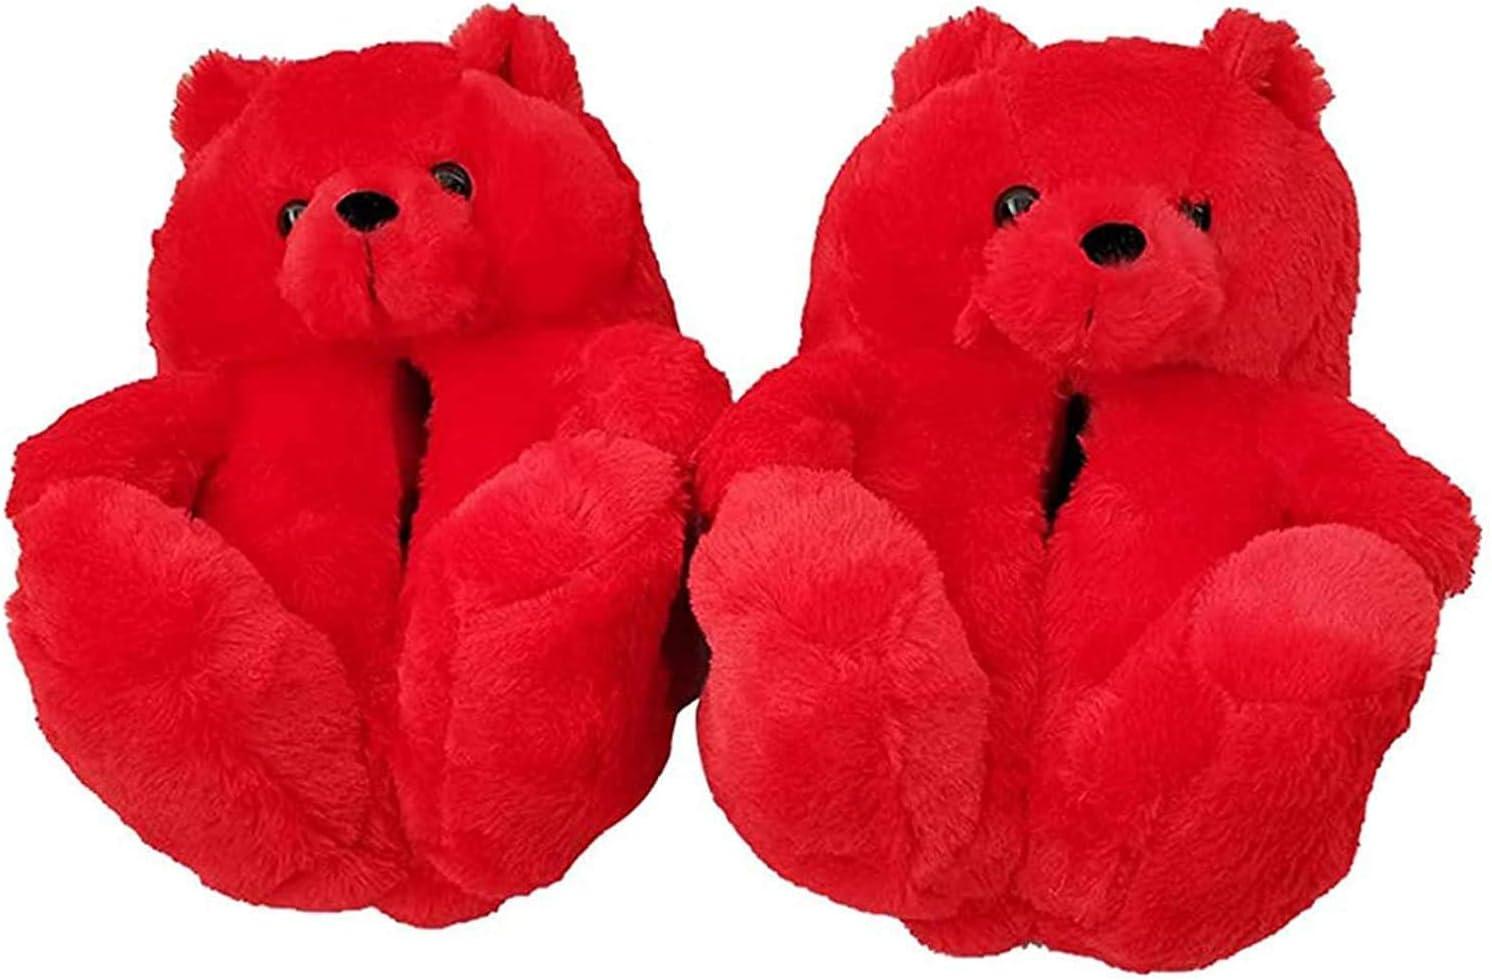 記念日 爆売りセール開催中 Plush Teddy Bear Slippers Home Ind Cute Soft Anti-Slip